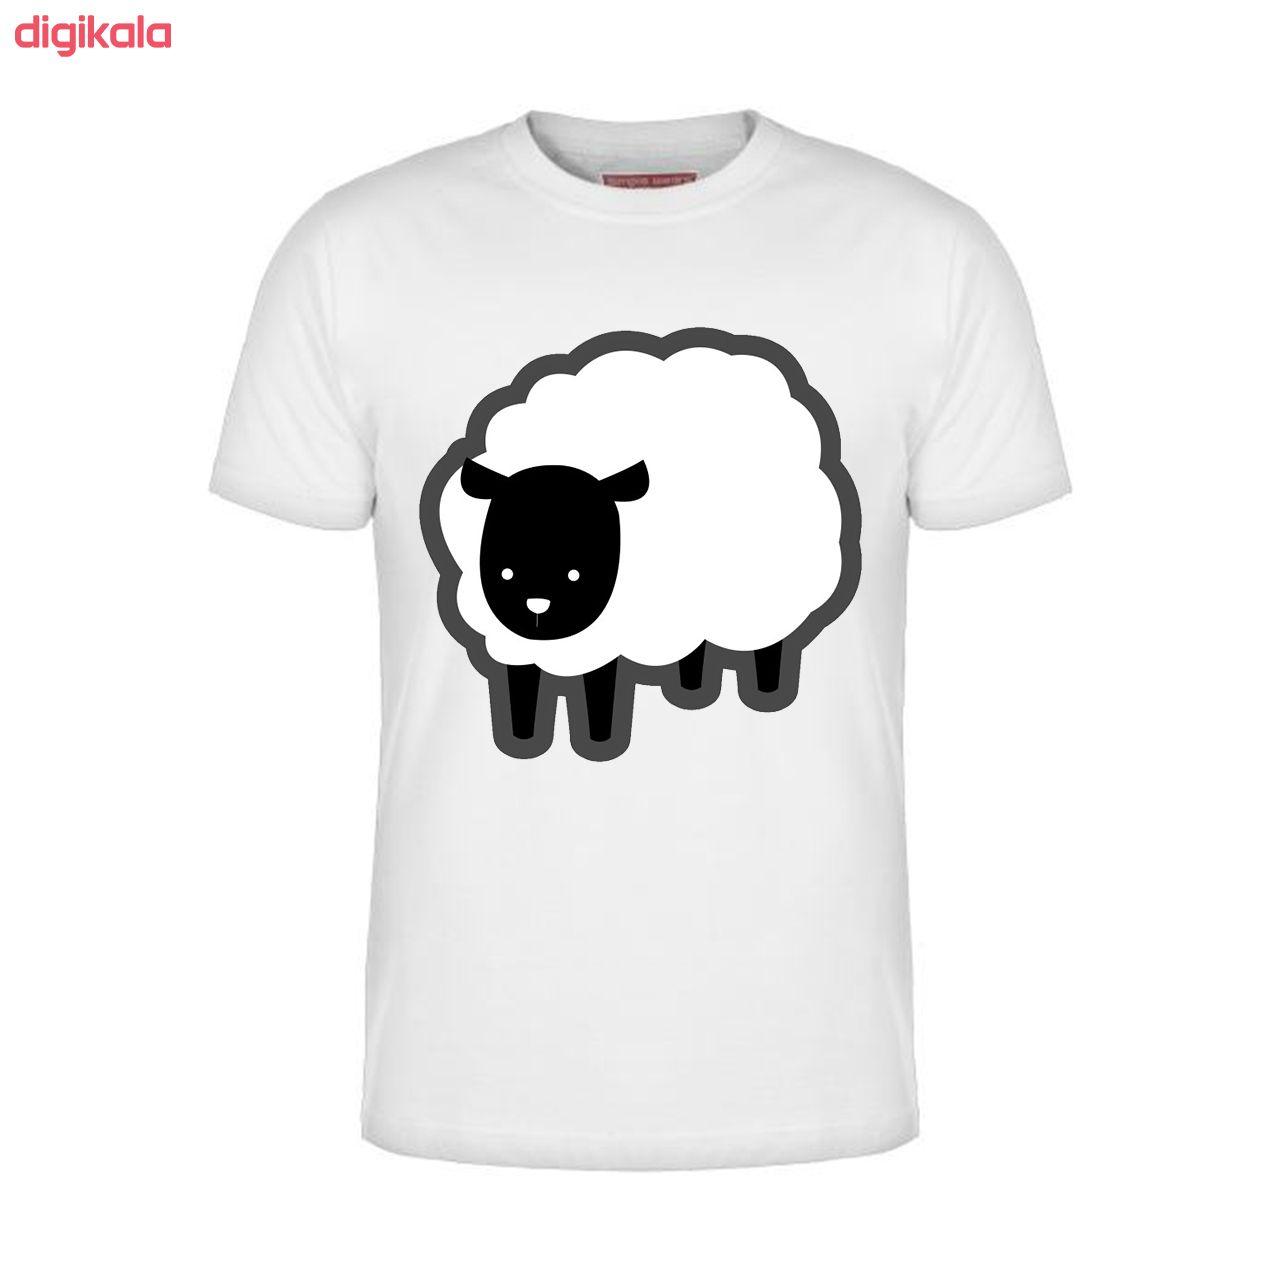 تیشرت آستین کوتاه مردانه طرح گوسفند مدل 778